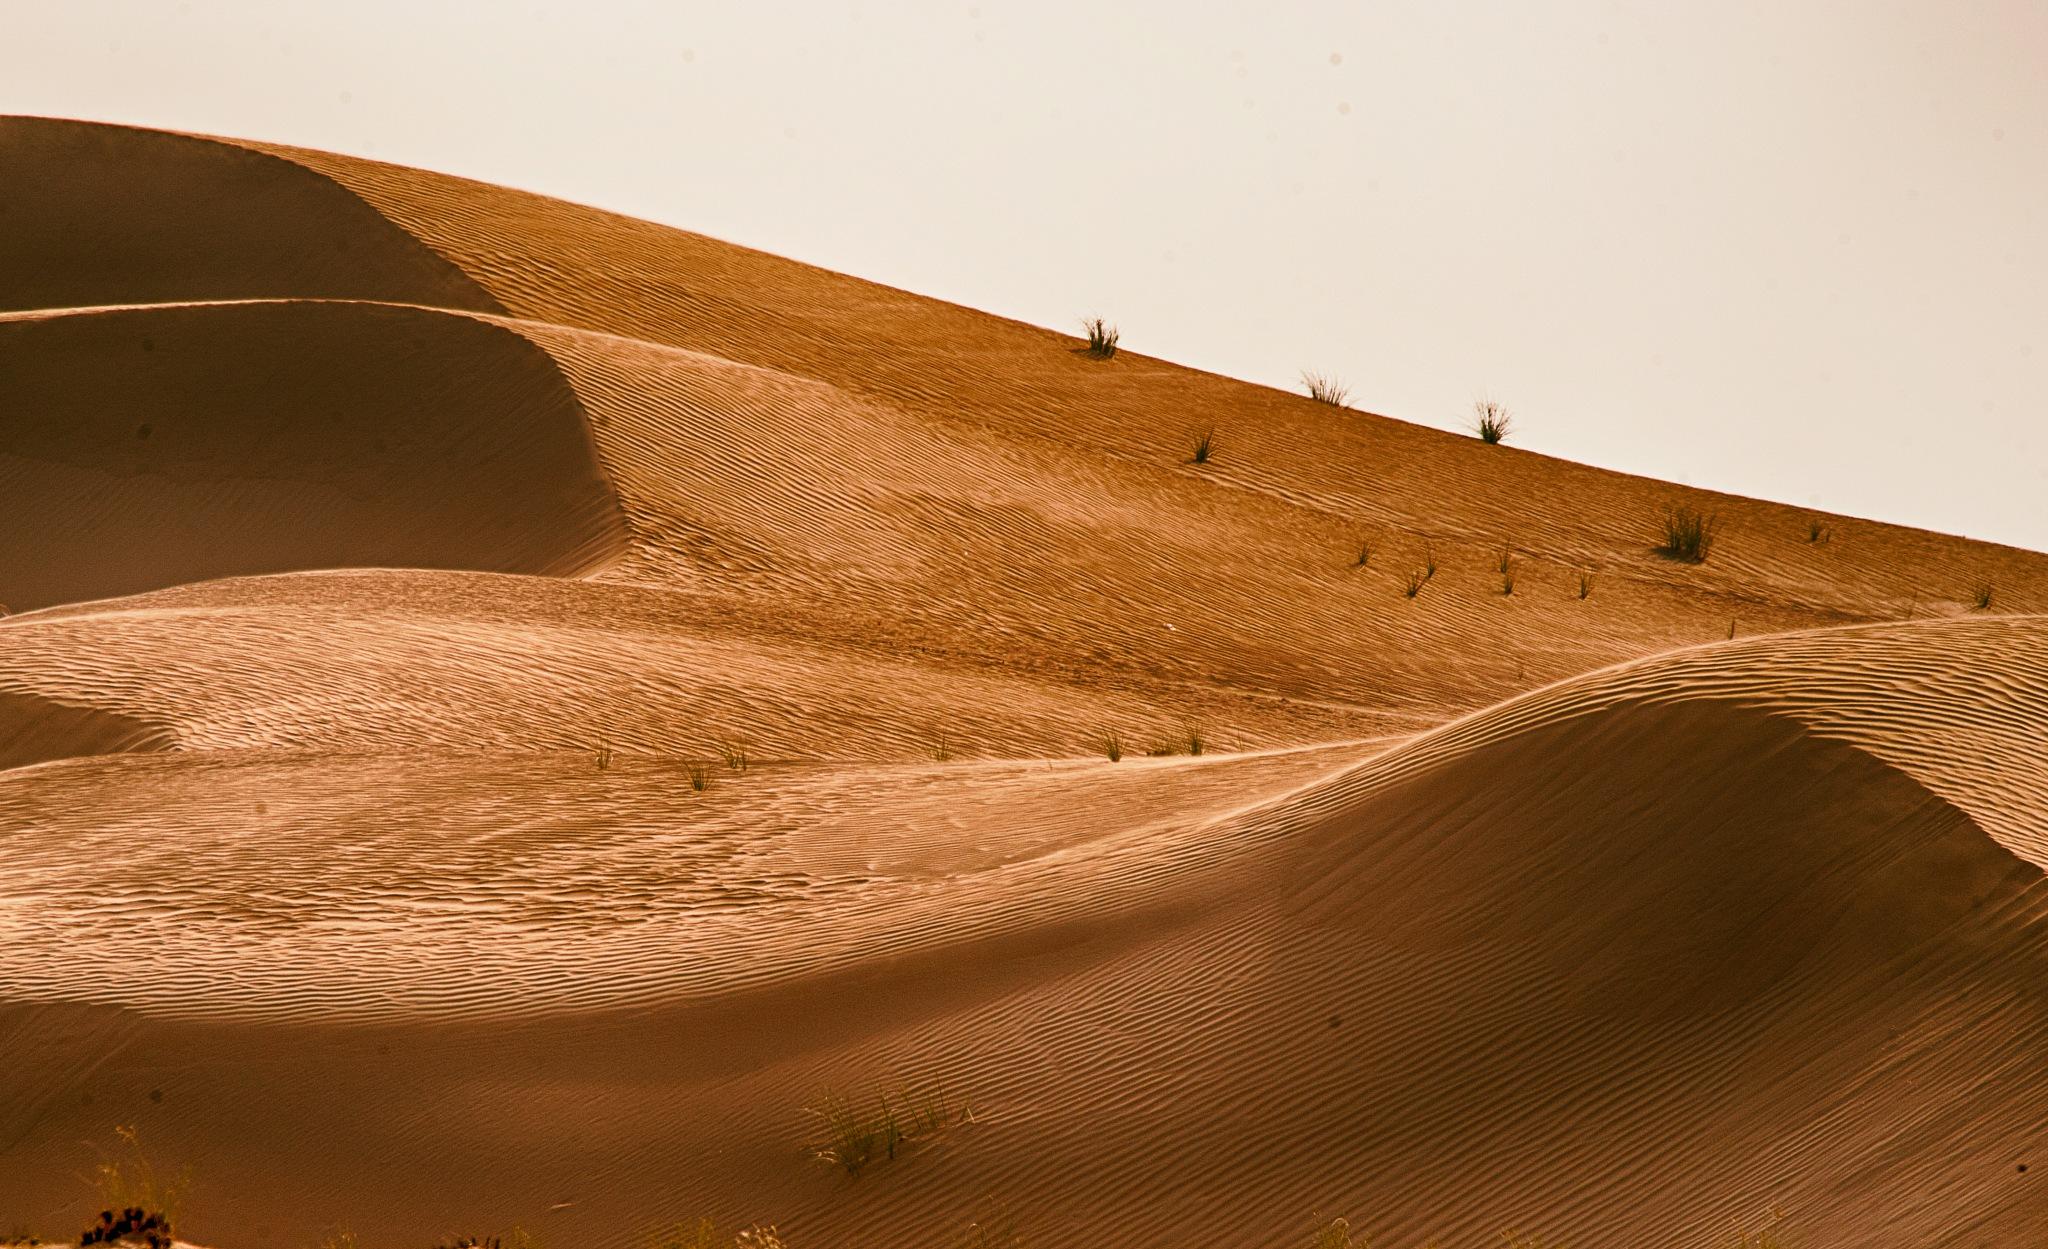 Dunes of sunset II (full screen) by Hisham Badran